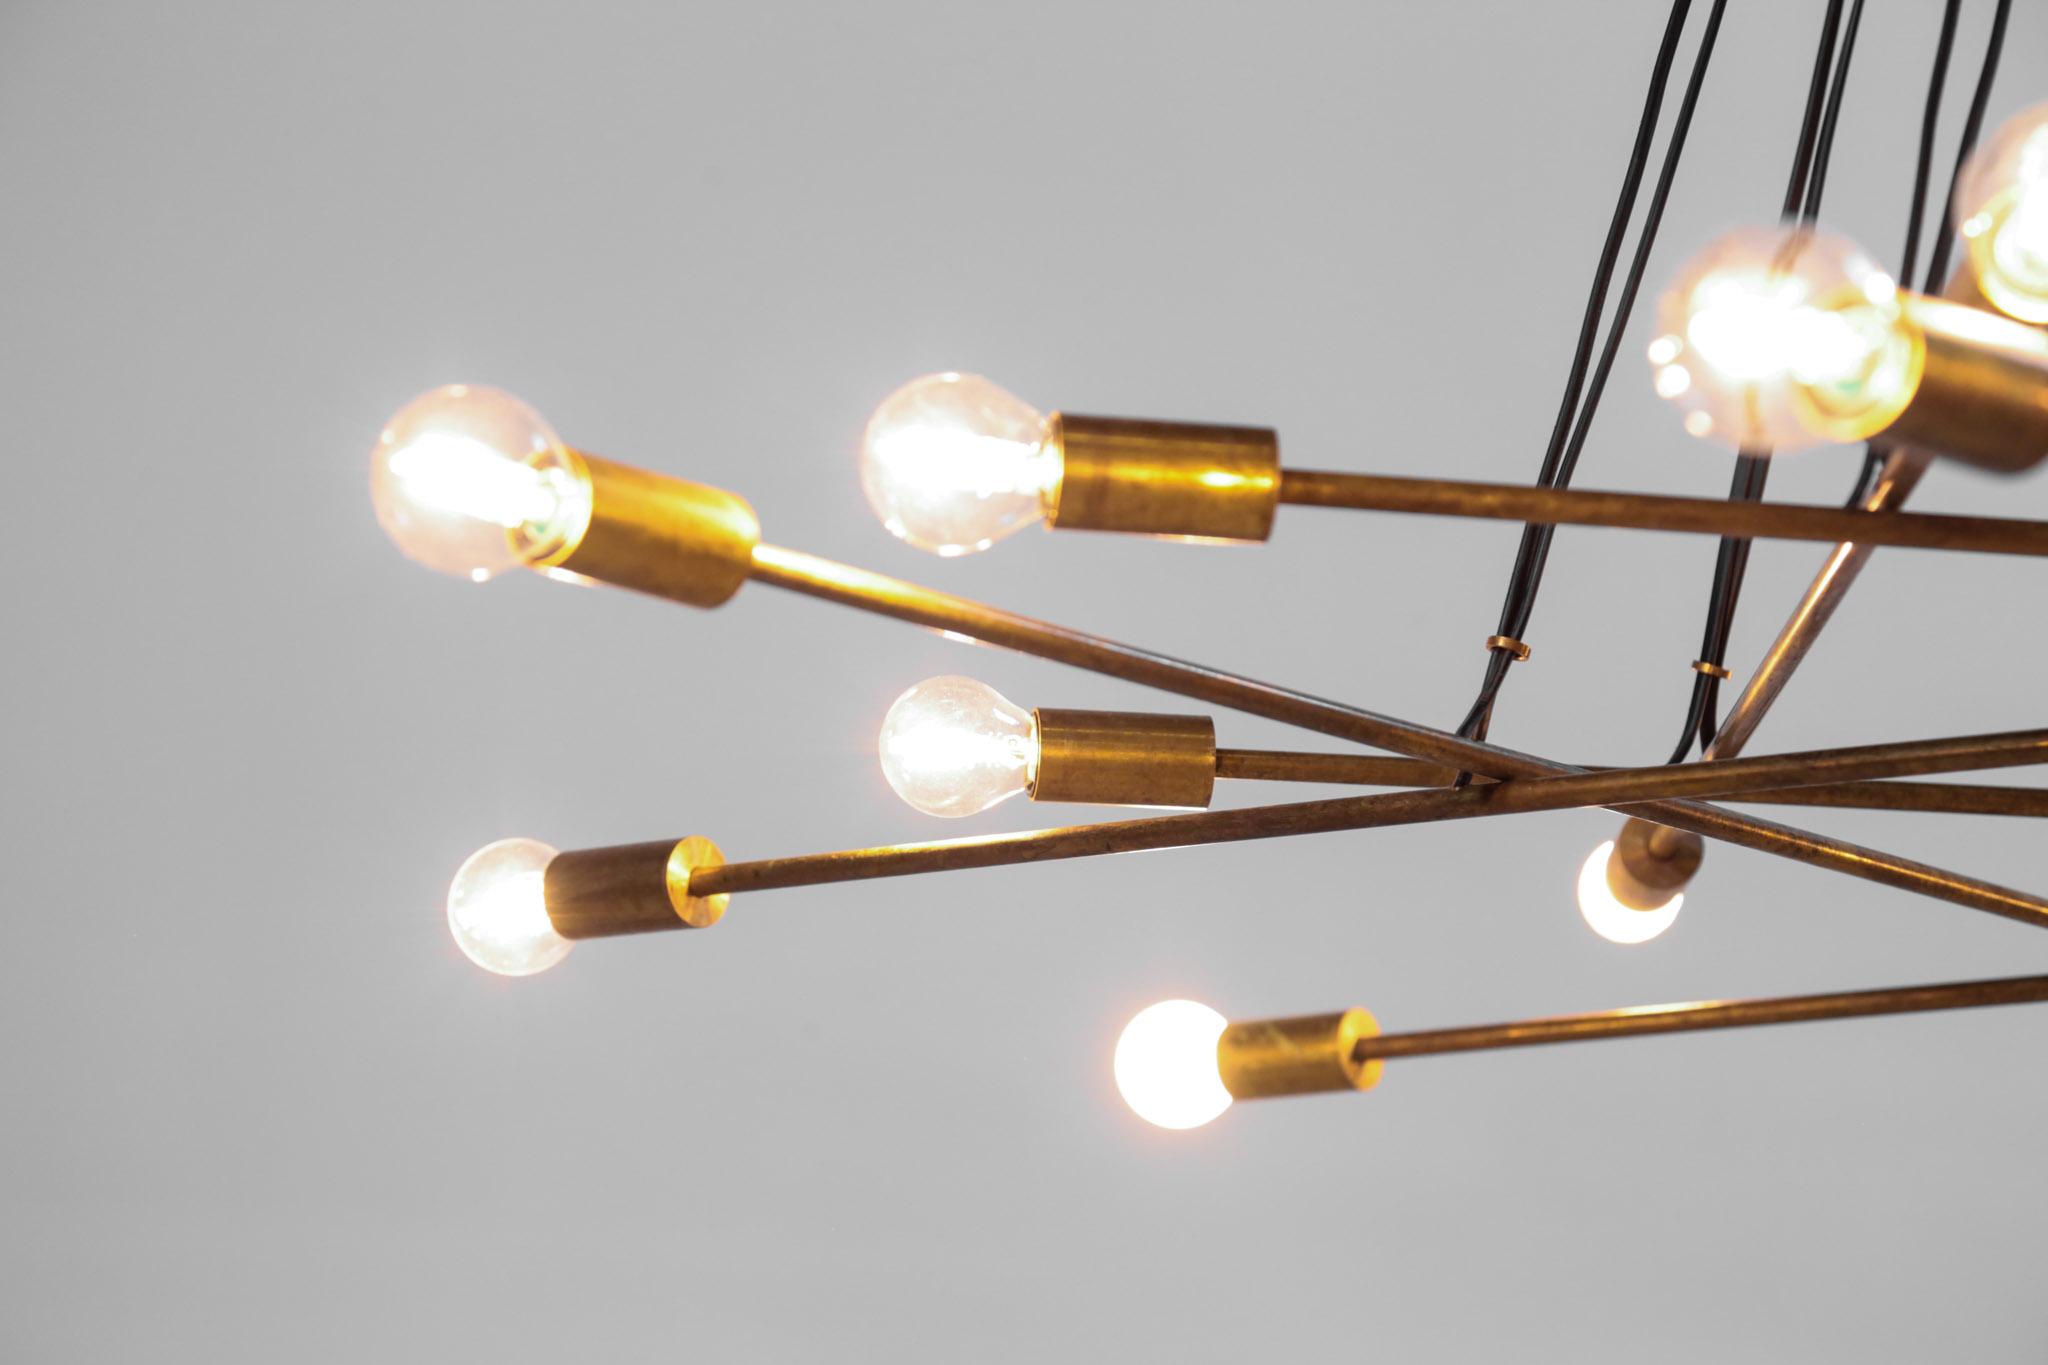 lustre italien moderne laiton 16 ampoules danke galerie. Black Bedroom Furniture Sets. Home Design Ideas